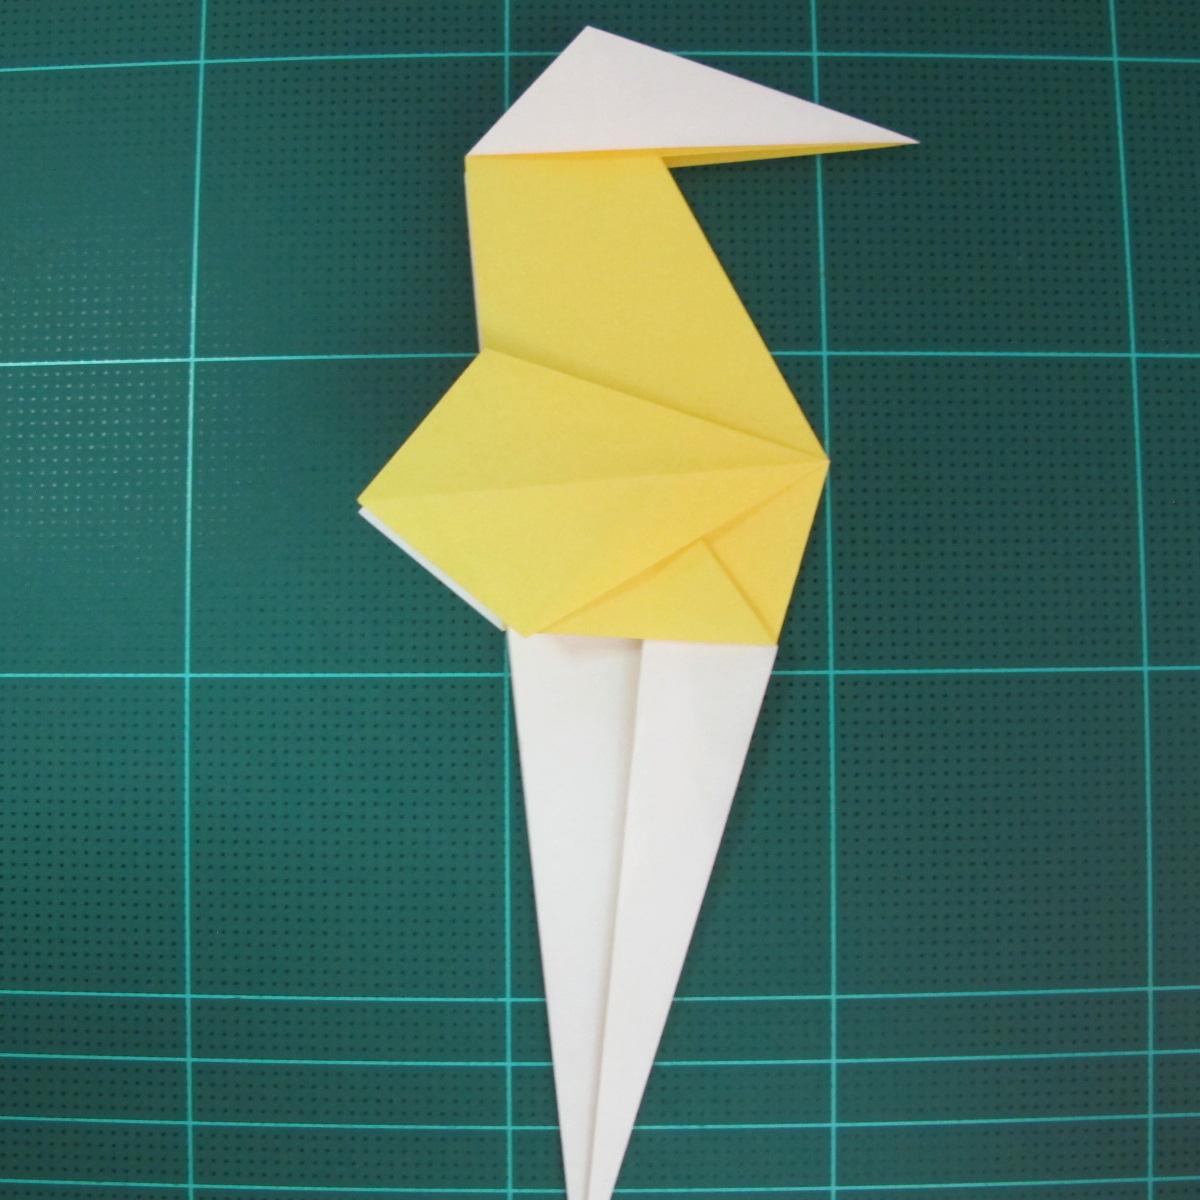 วิธีการพับกระดาษรูปม้าน้ำ (Origami Seahorse) 022